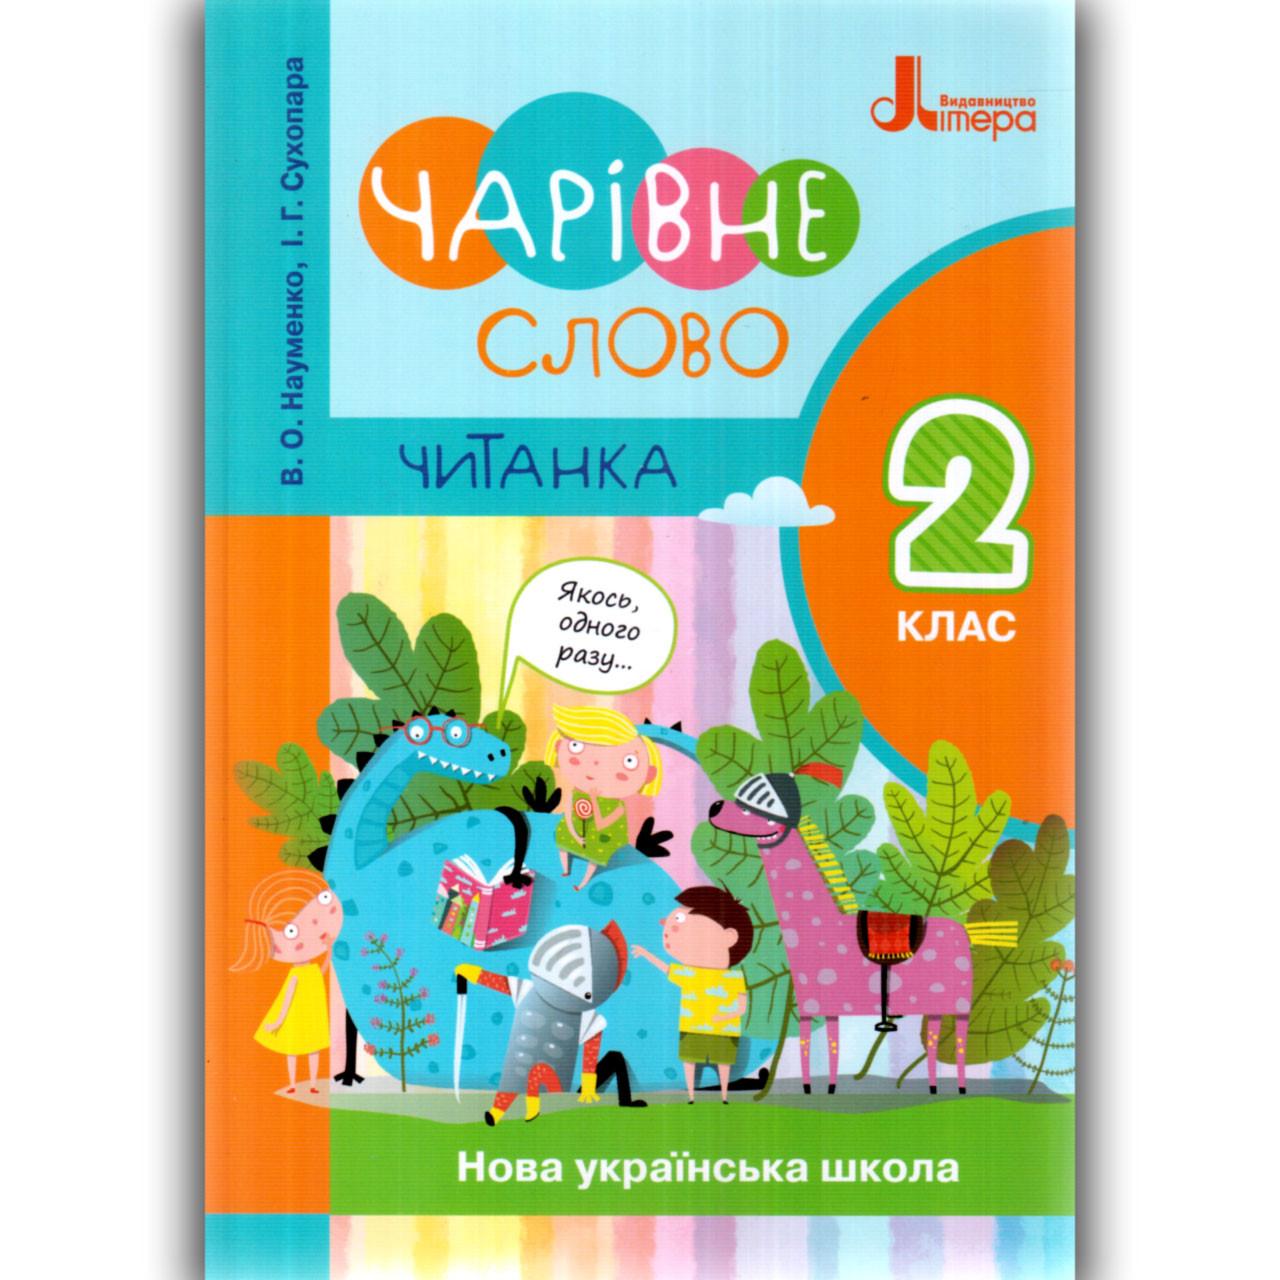 Чарівне слово Читанка 2 клас Авт: Науменко В. Сухопара І. Вид: Літера